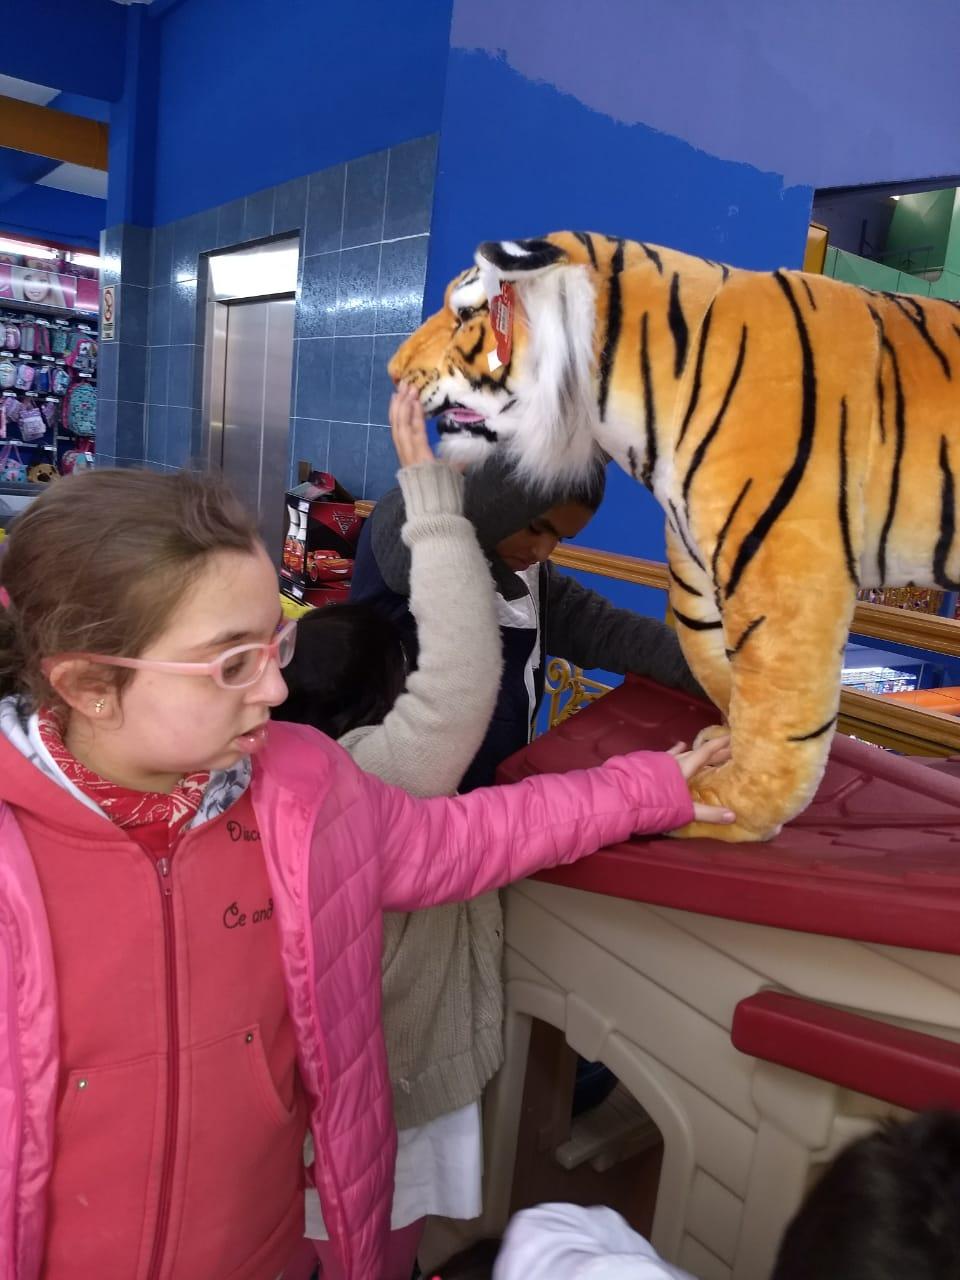 Escuela Para Ninos Ninas Y Jovenes Con Discapacidad Visual Nº 33